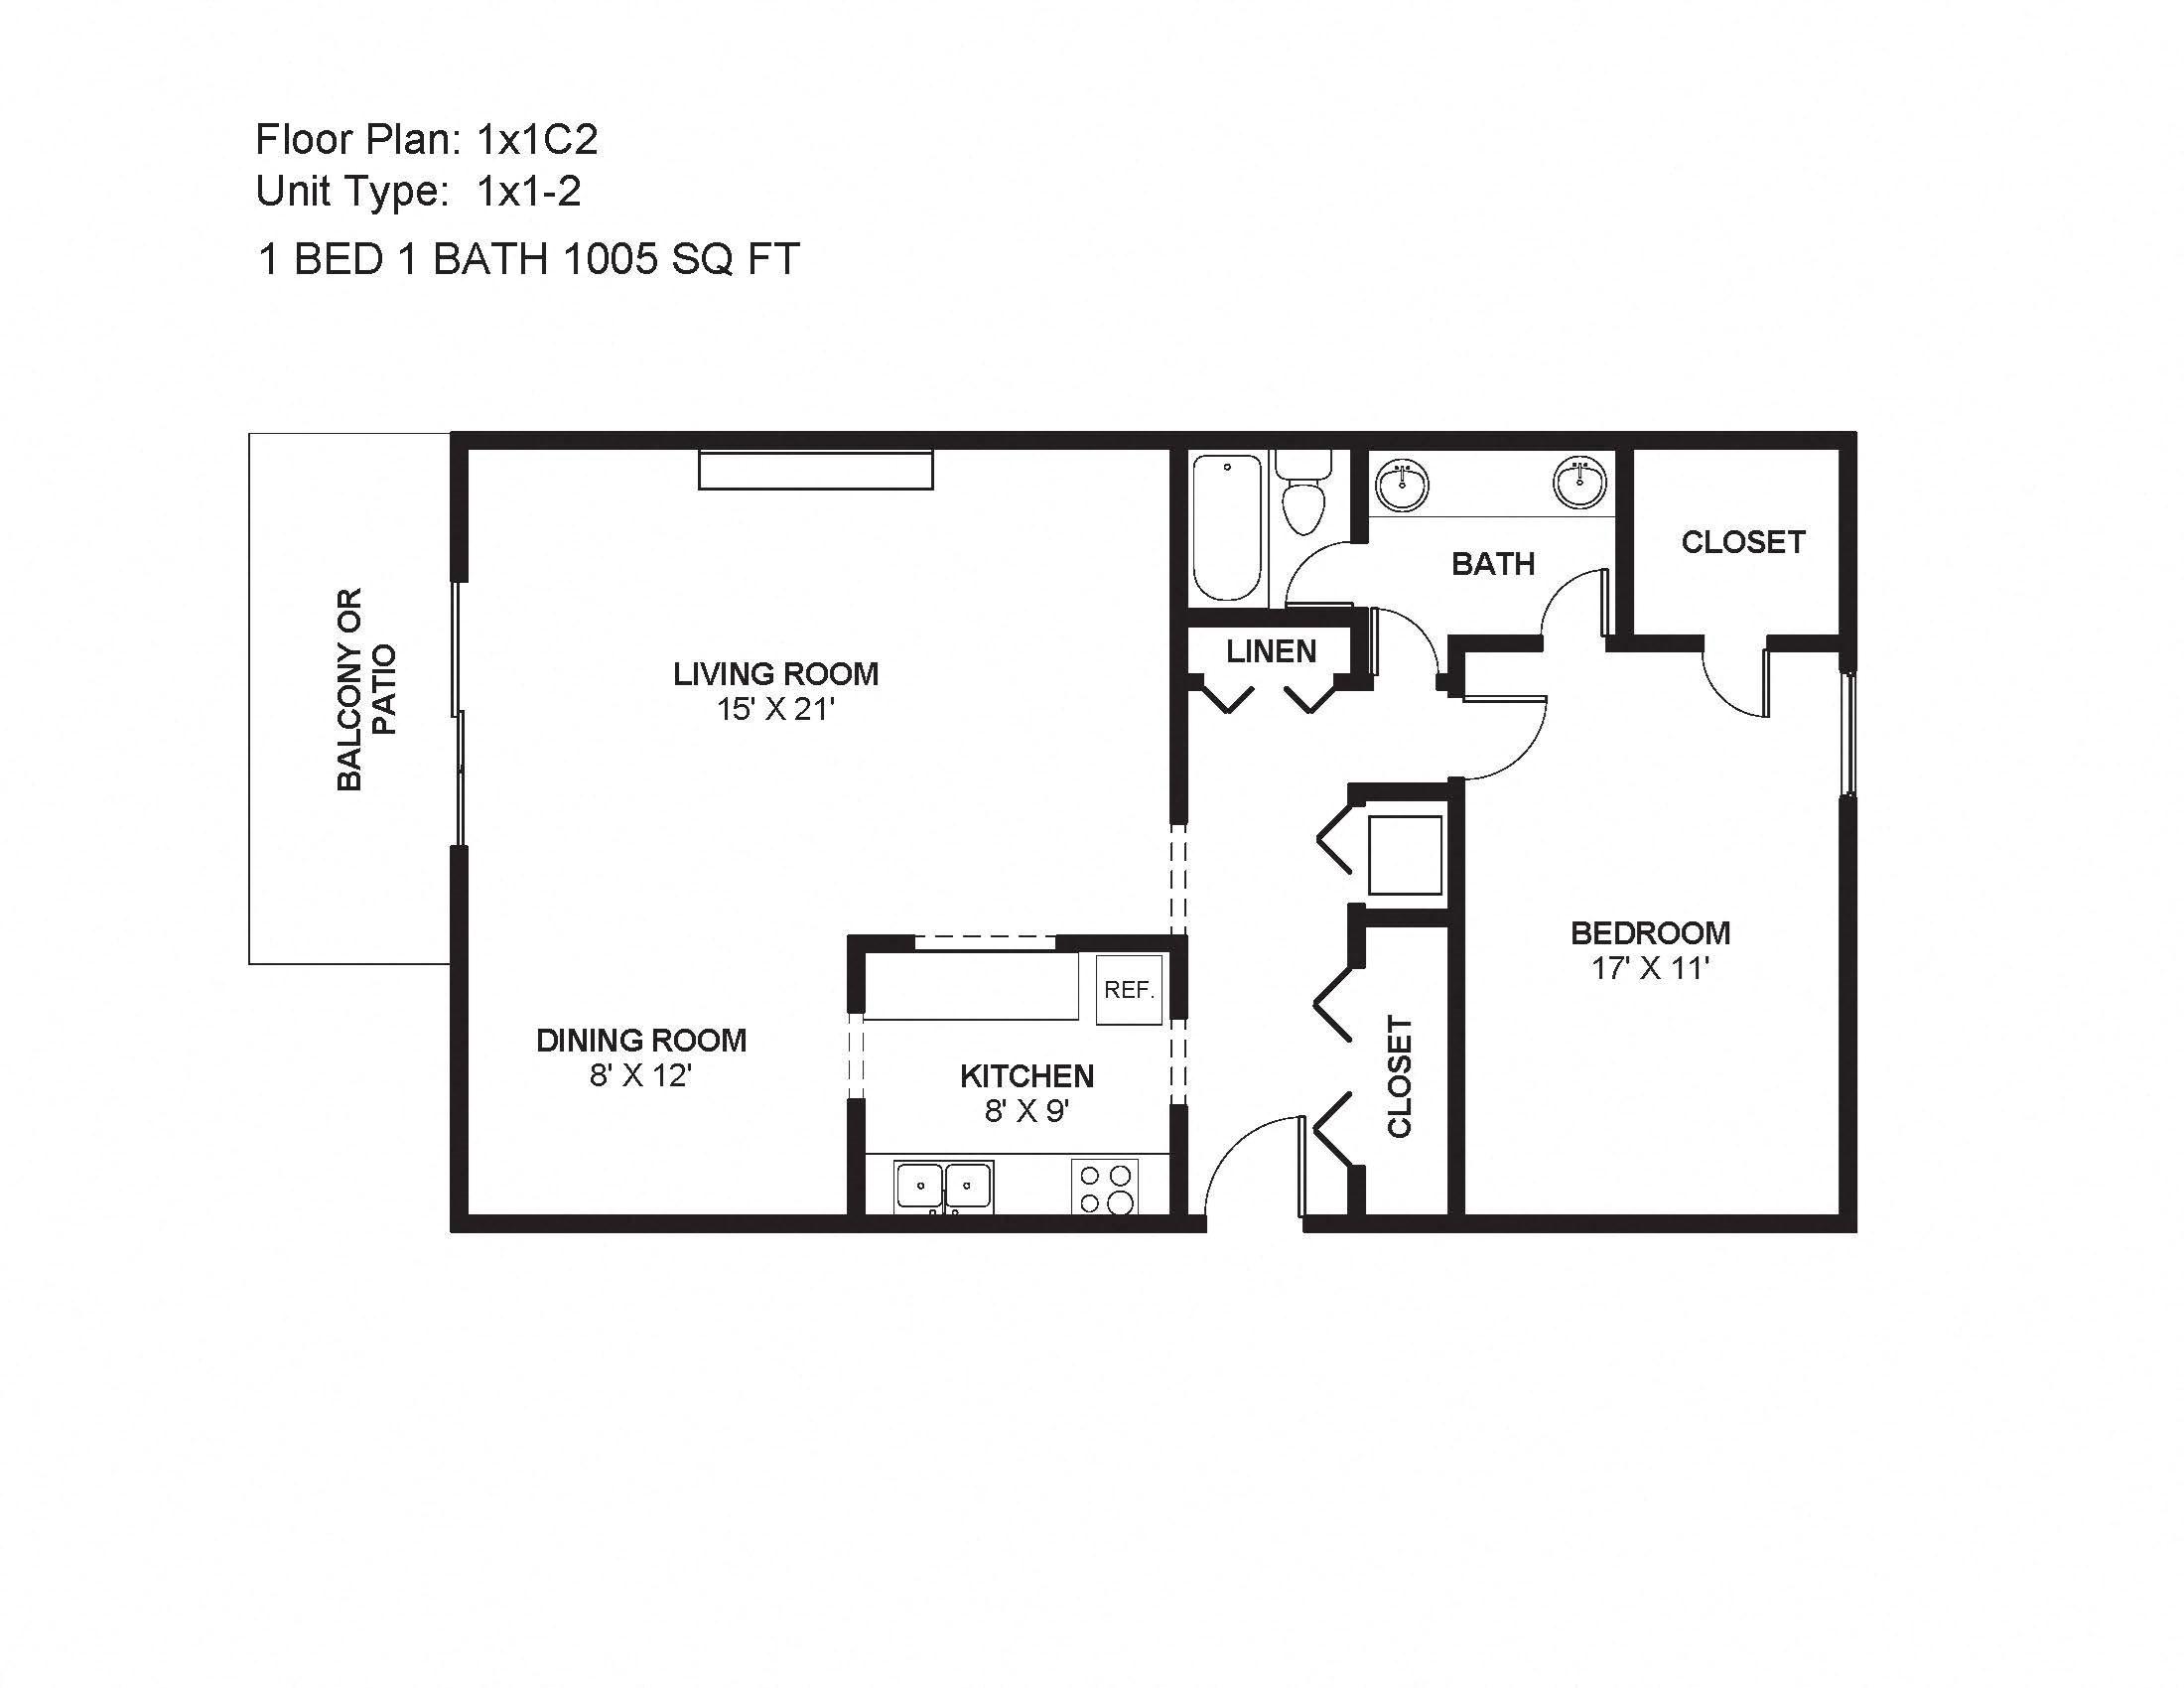 1x1C2 Floor Plan 4